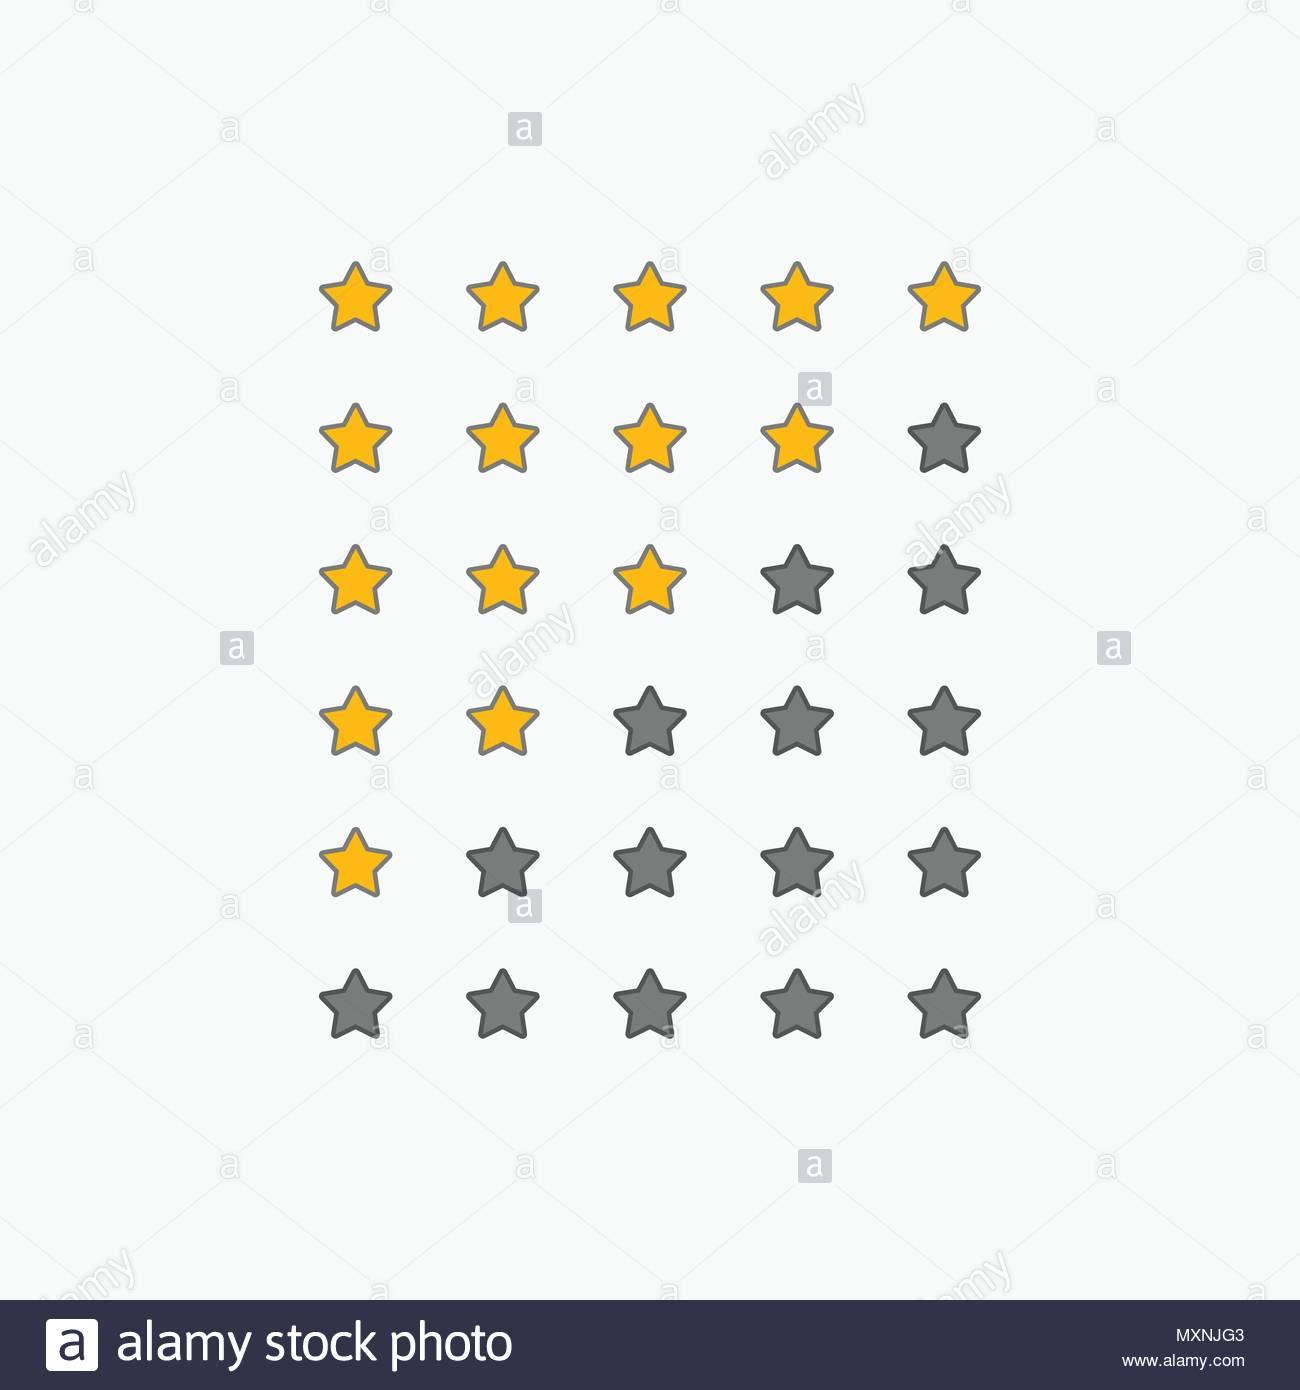 Set Of Star Rating Symbols Stock Vector Art Illustration Vector